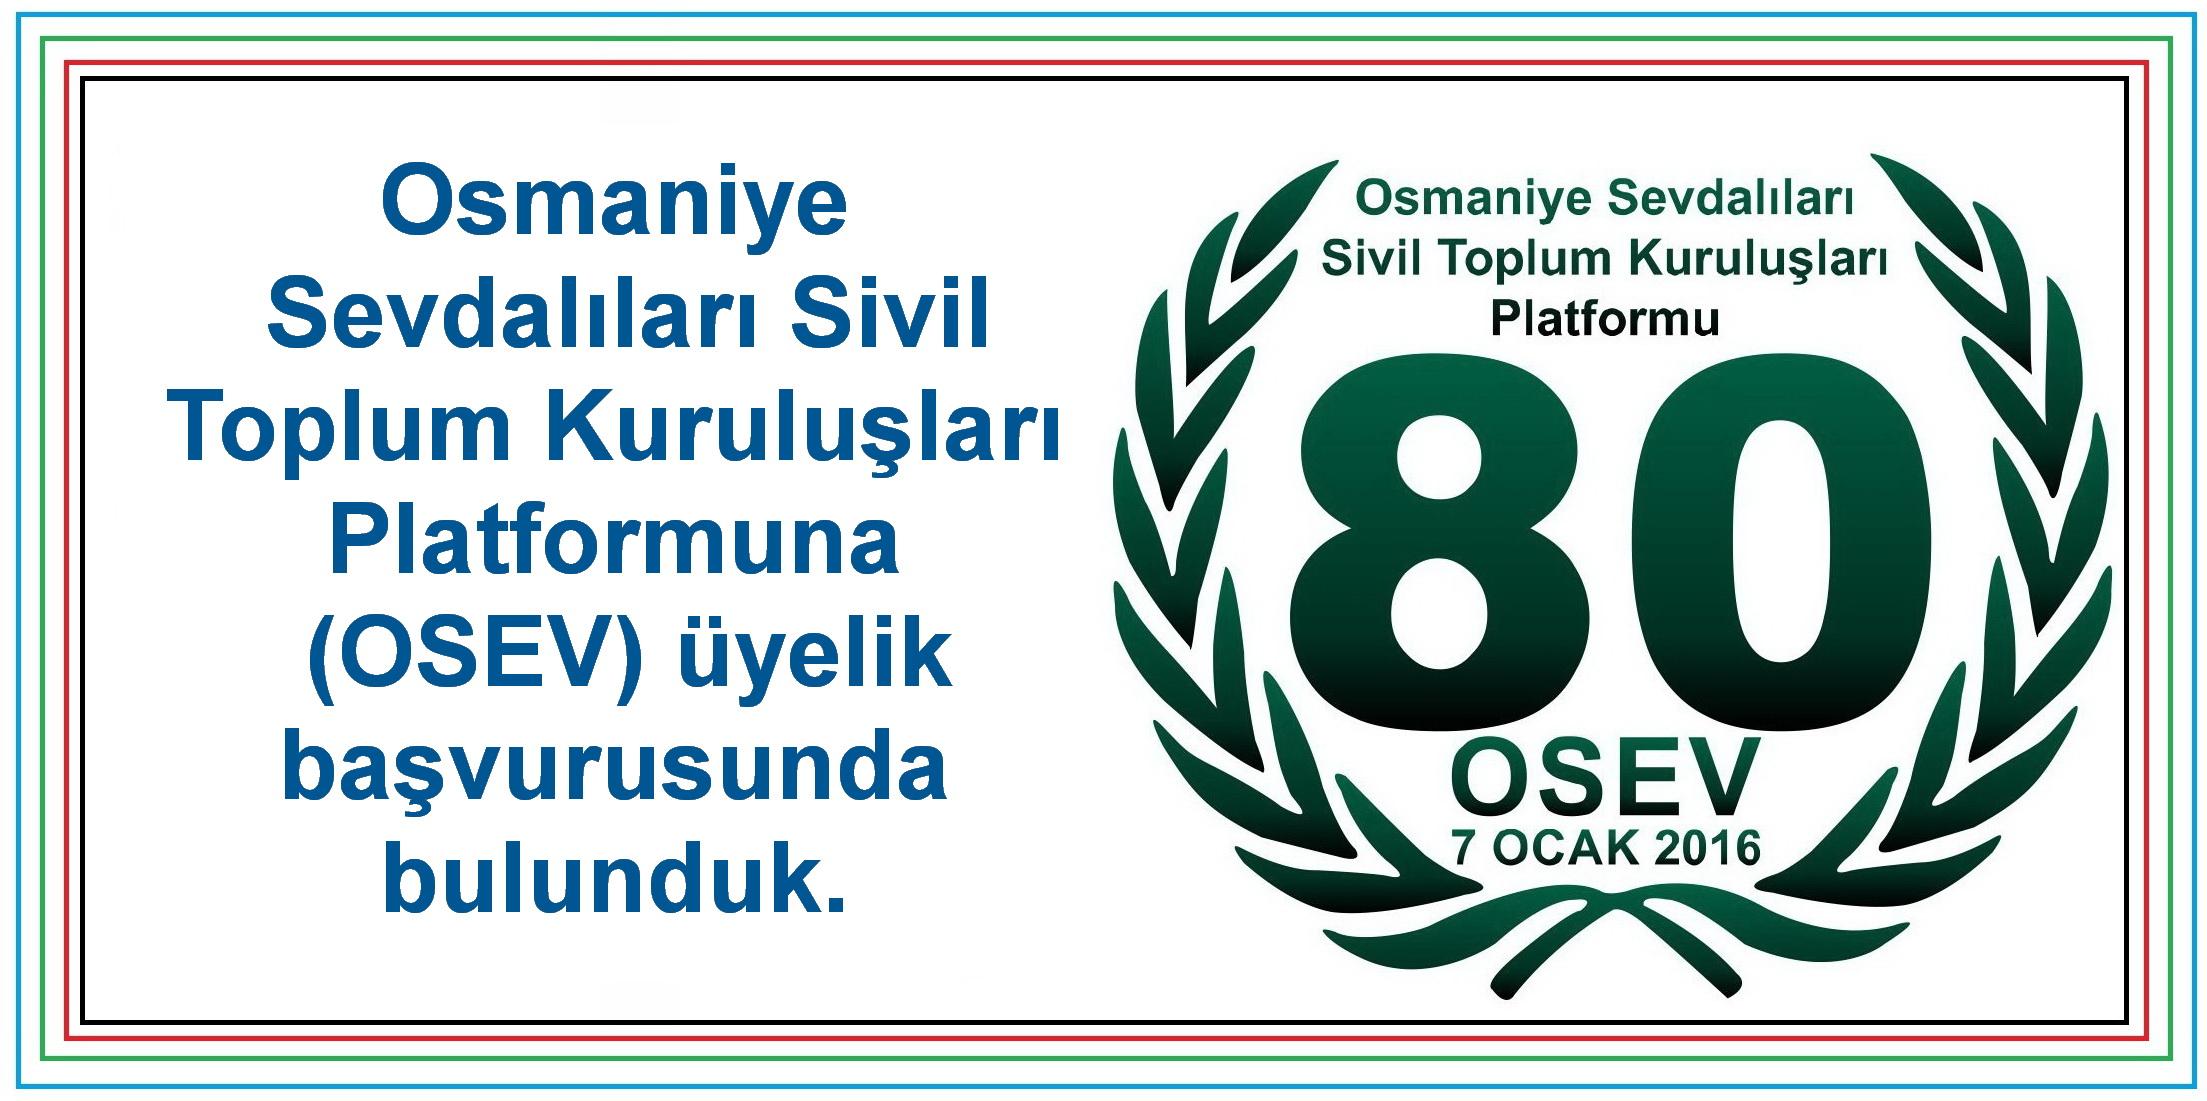 OSEV'e Üyelik Başvurusunda Bulunduk